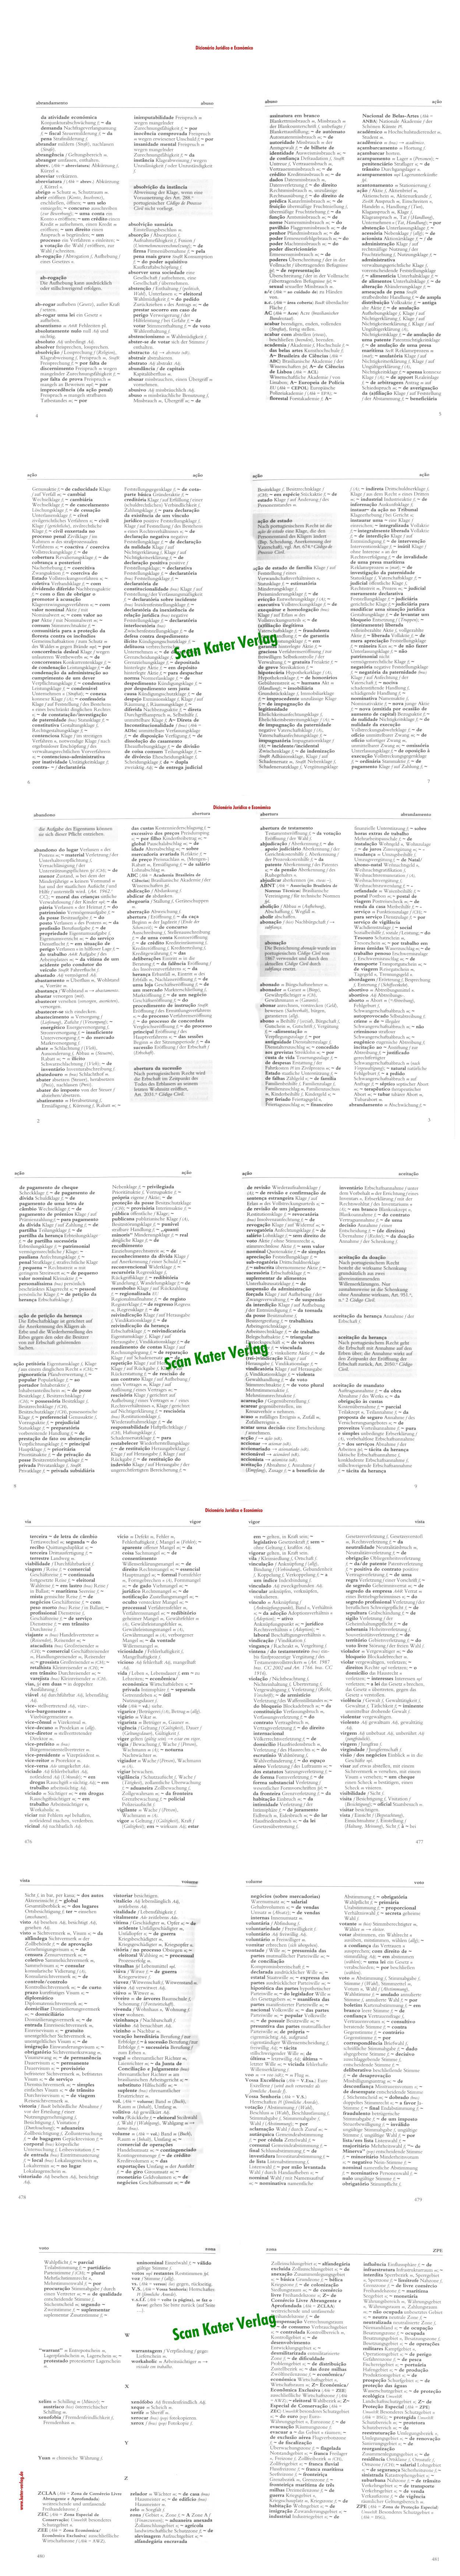 Jayme/Neuss: Wörterbuch der Rechts- und Wirtschaftssprache I Portugiesisch-Deutsch PT-DE